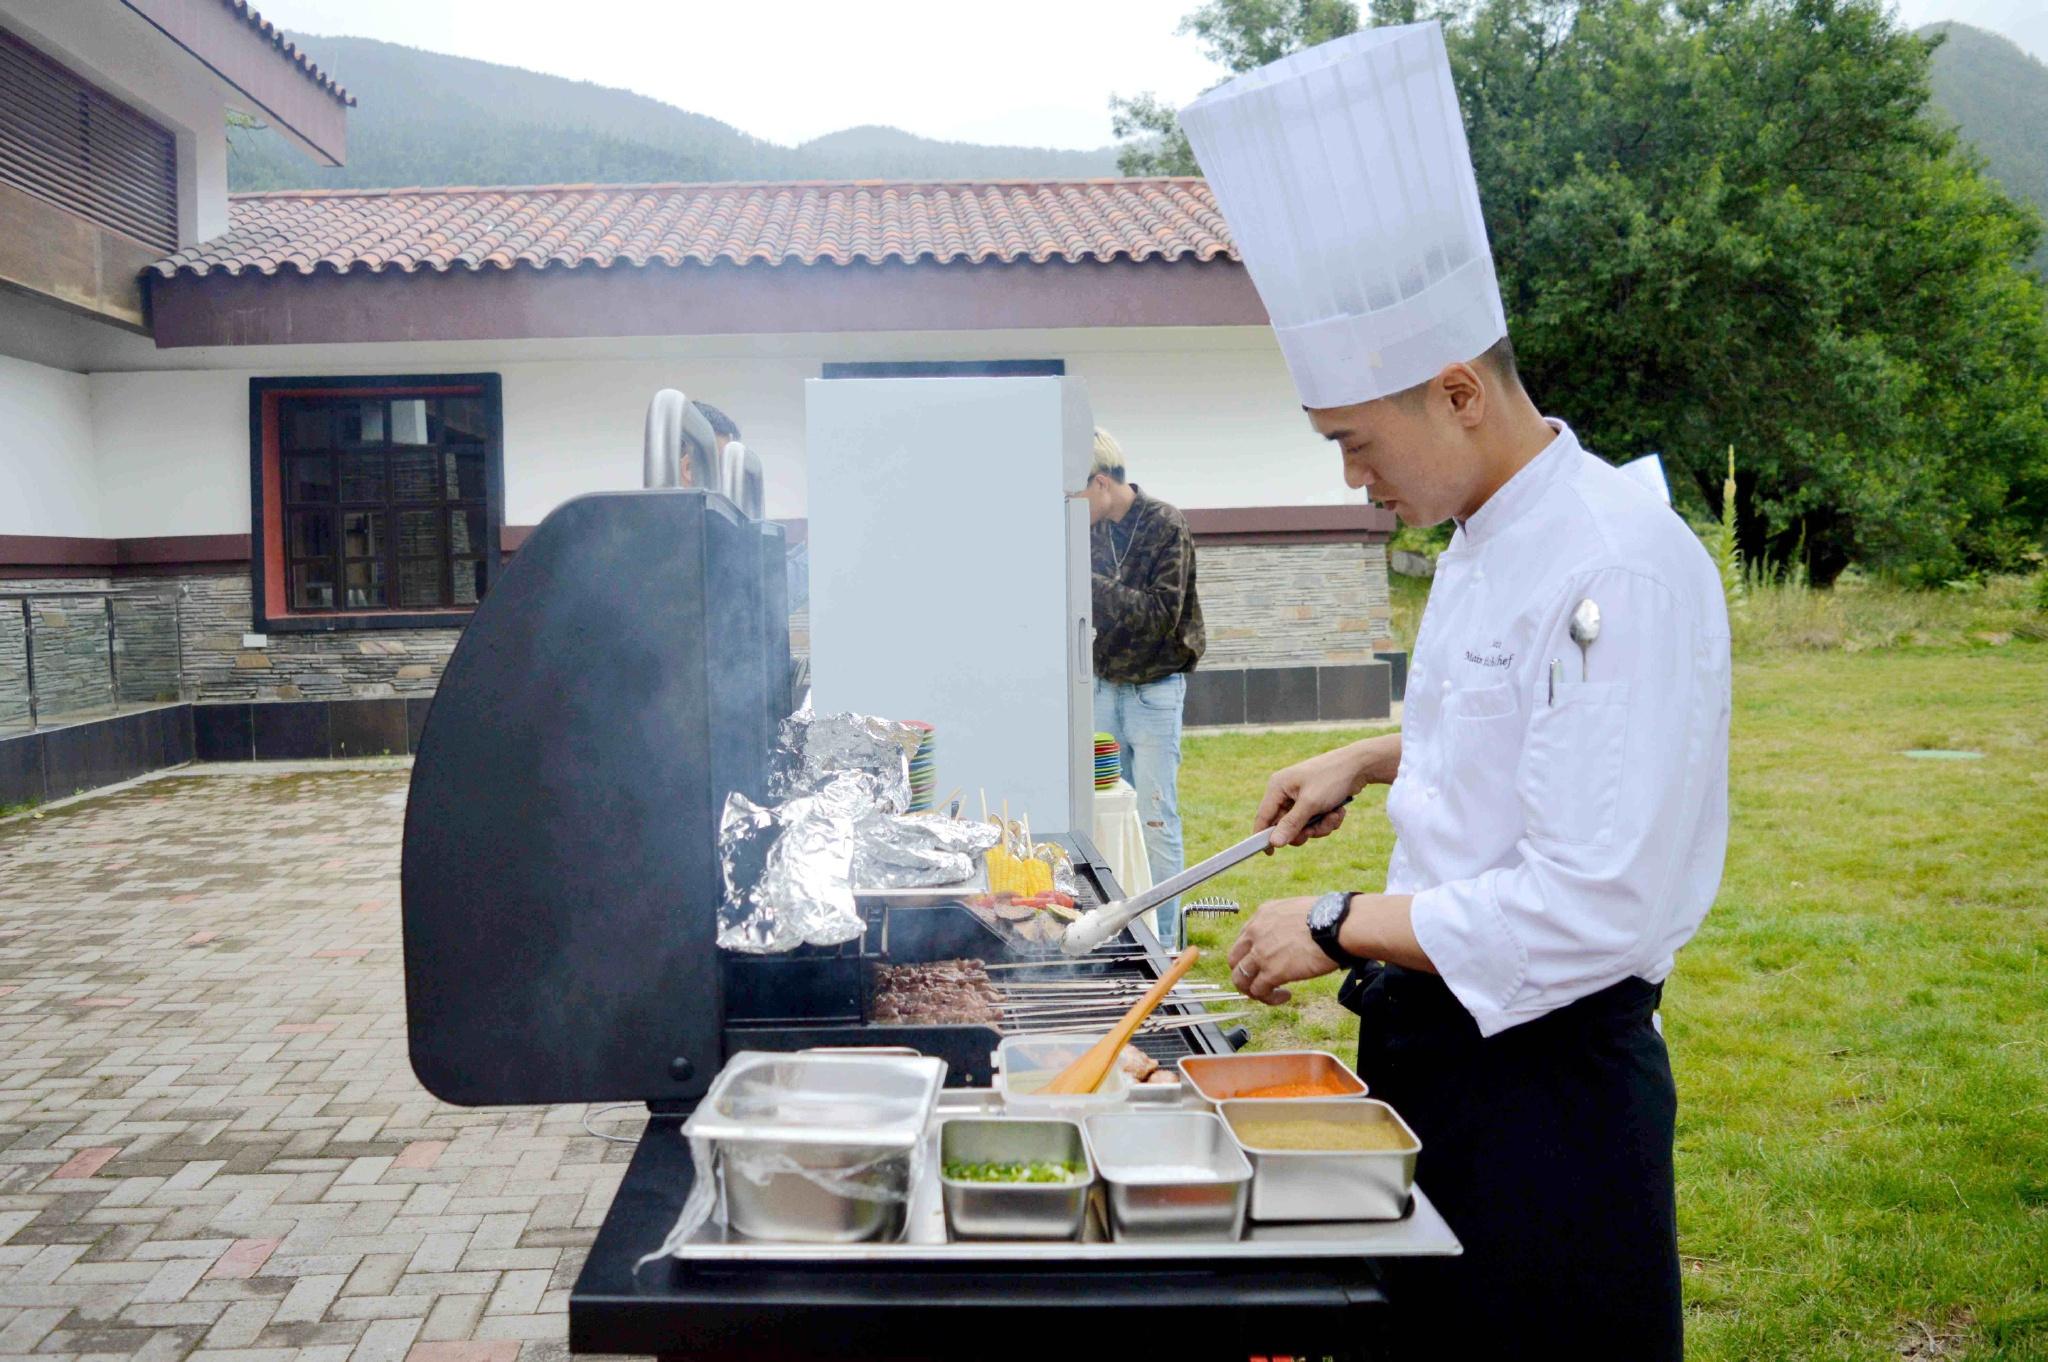 相聚西藏的小江南,遇见美丽的林芝工布庄园希尔顿酒店!